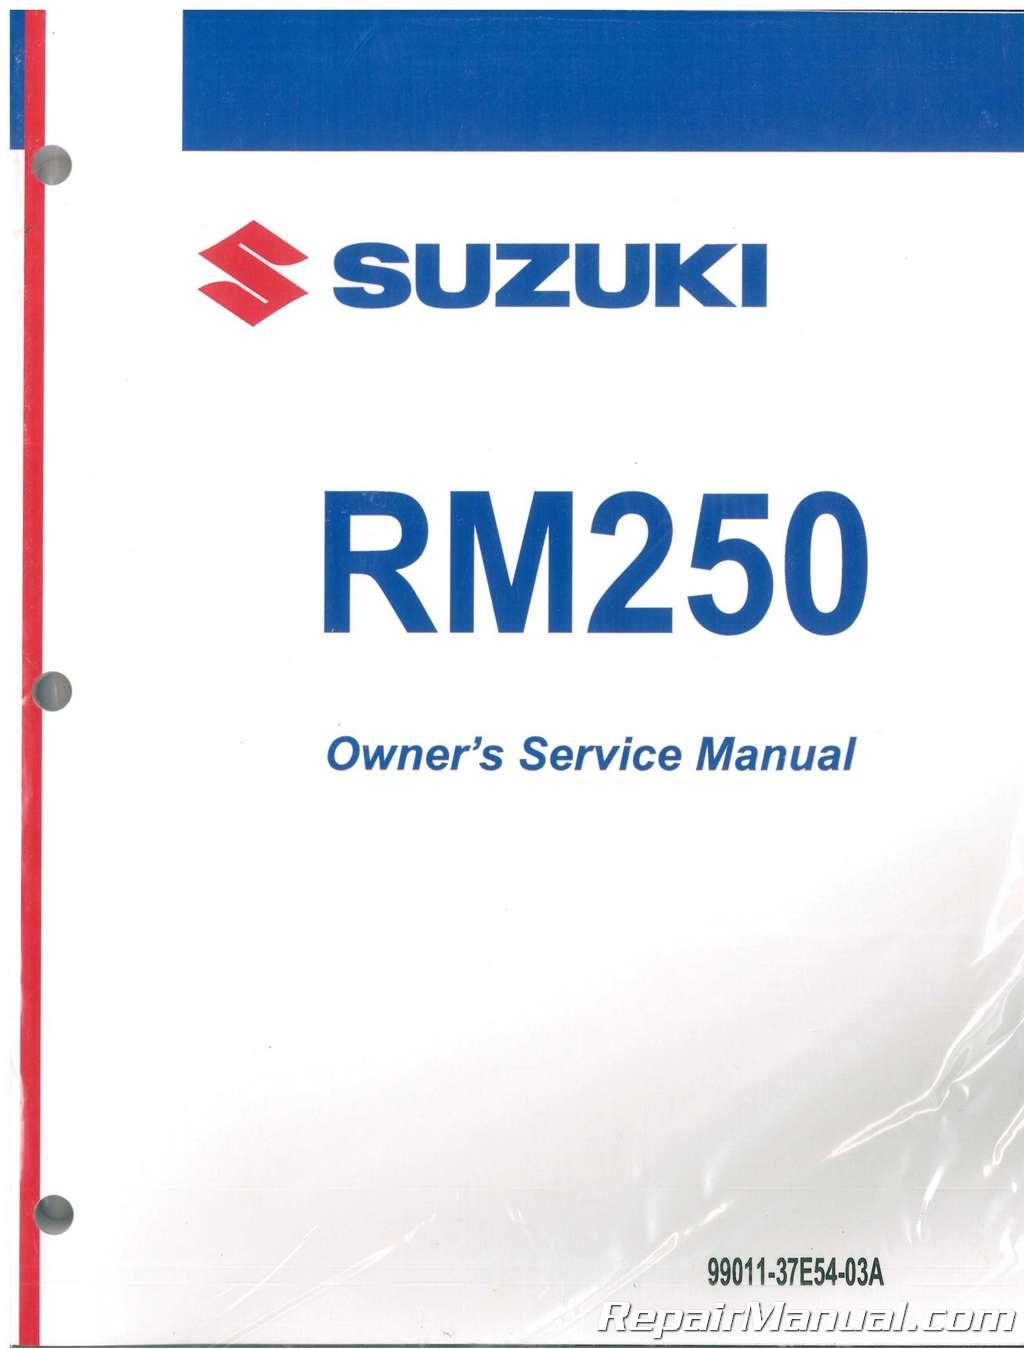 2000 suzuki rm250y motorcycle service manual rh repairmanual com 2003 RM 250 2000 rm 250 service manual pdf